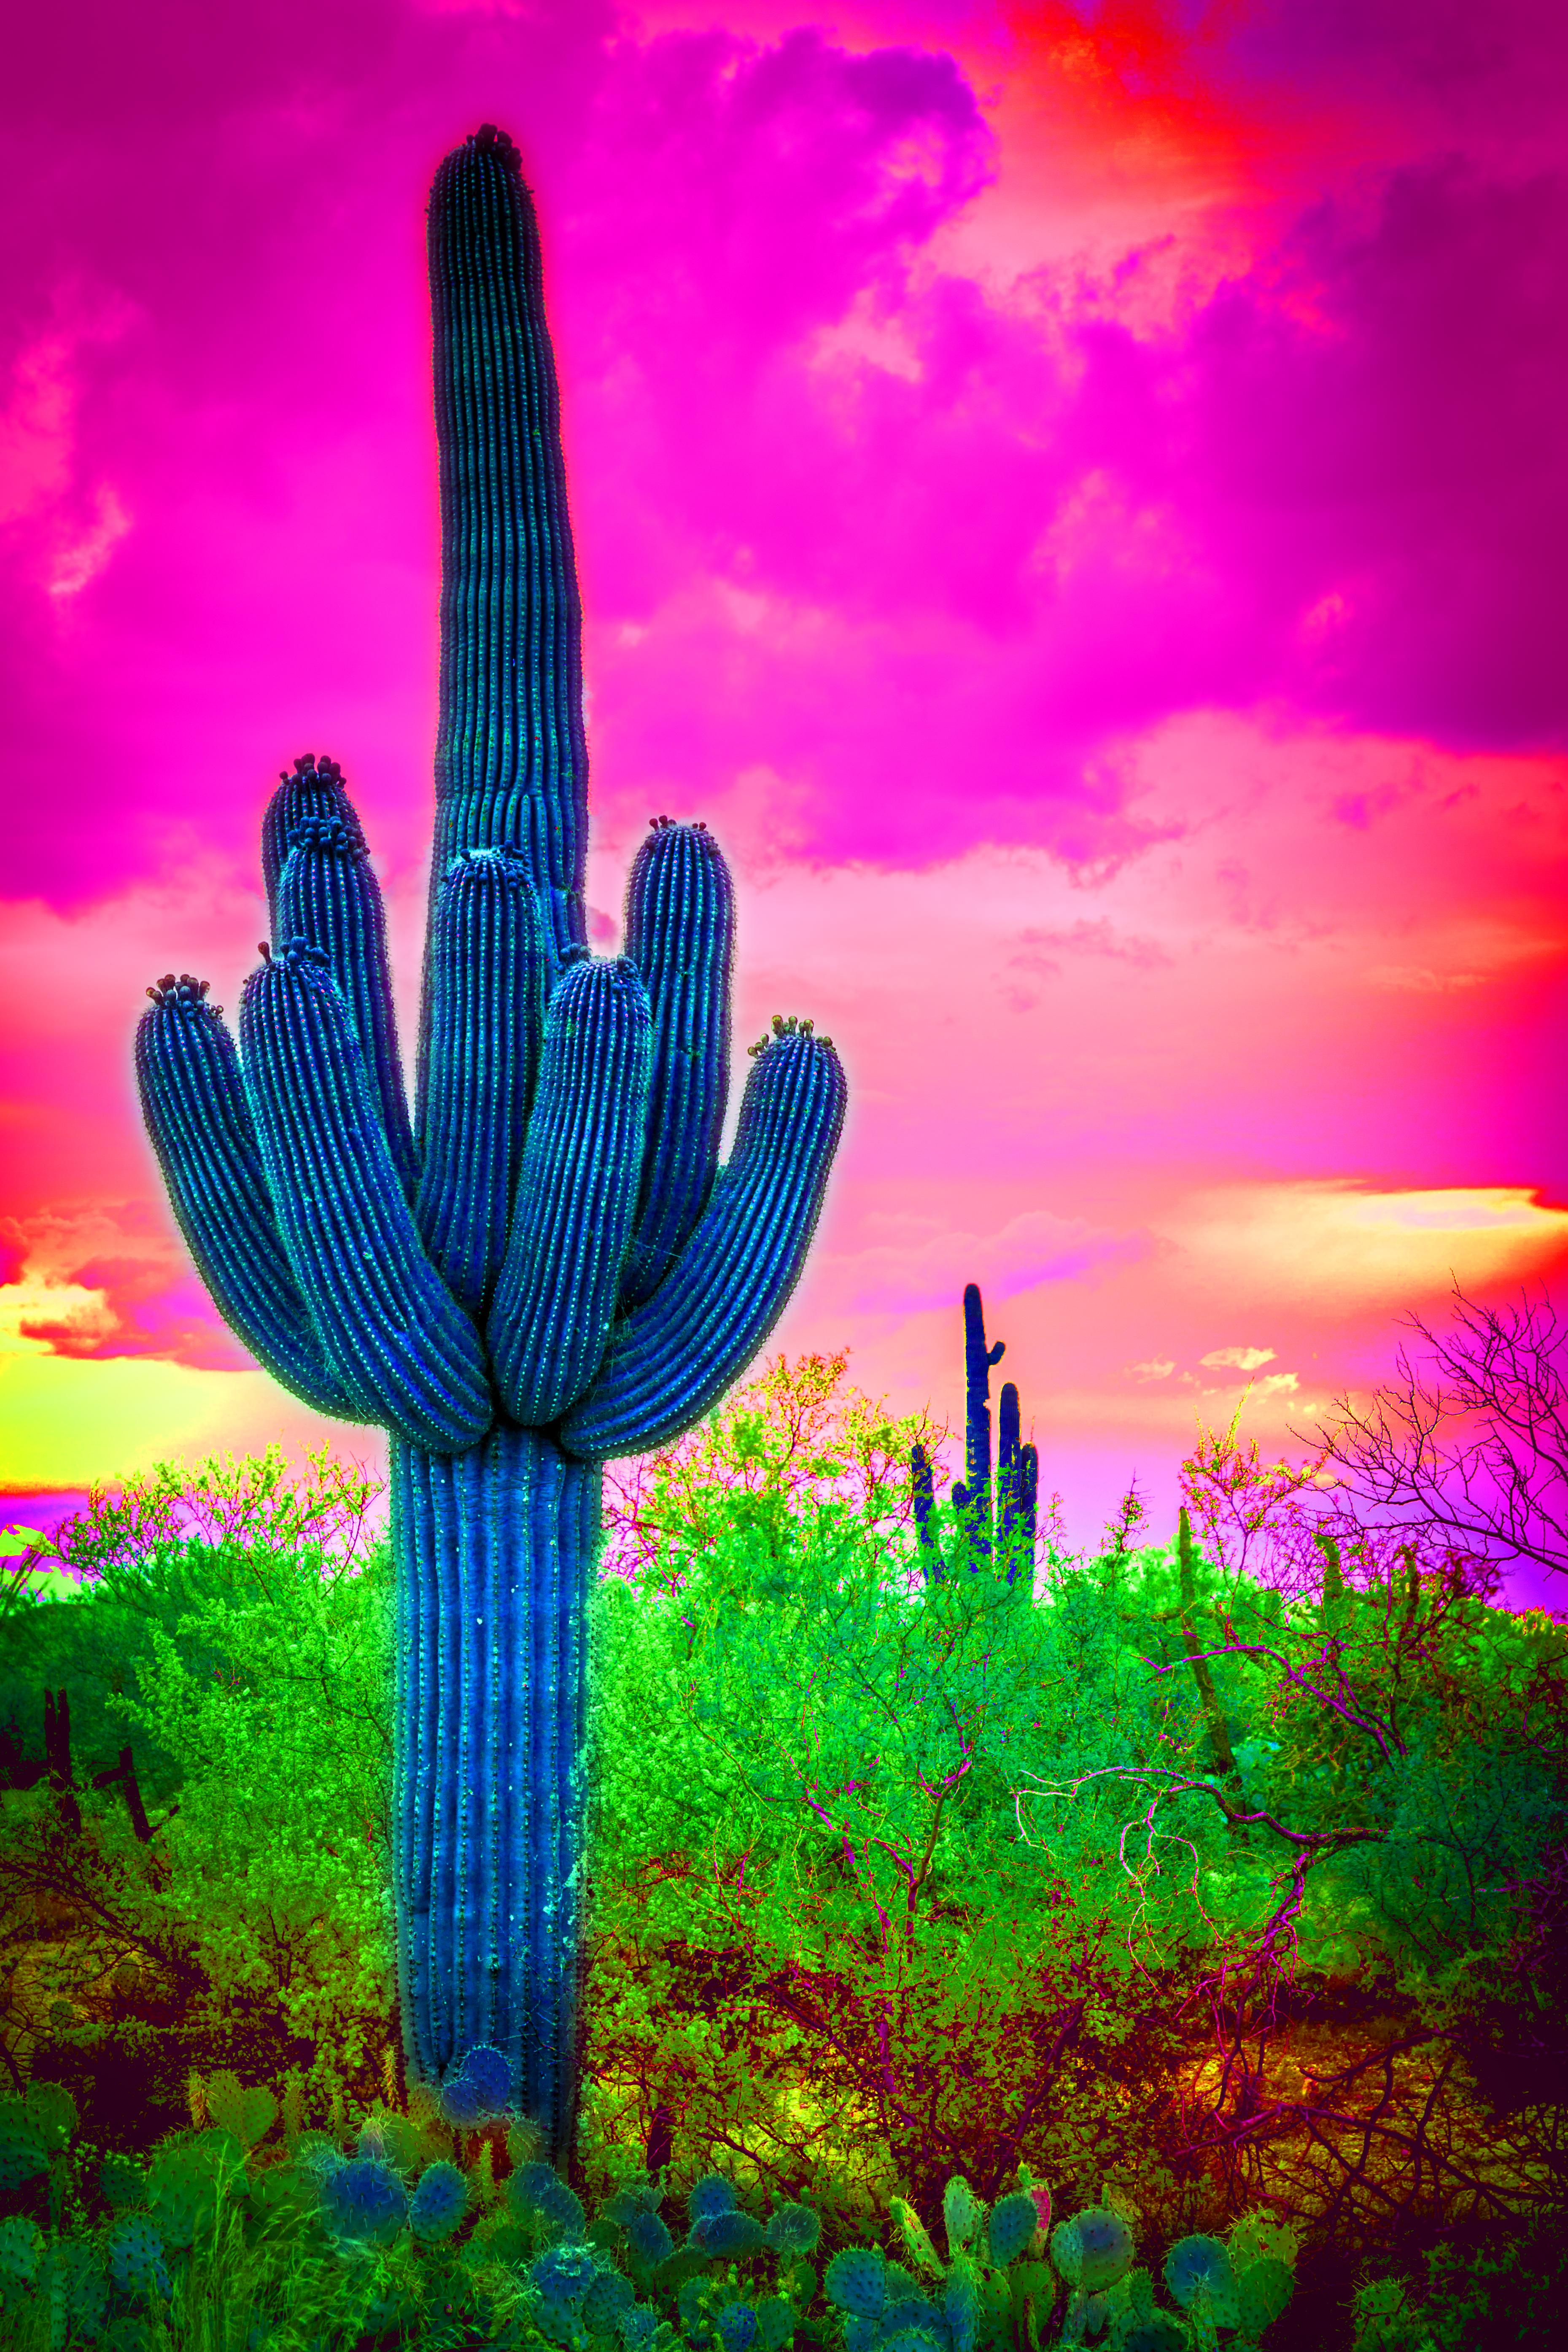 Saguaro Cactus, Saguaro National Park, Arizona, USA